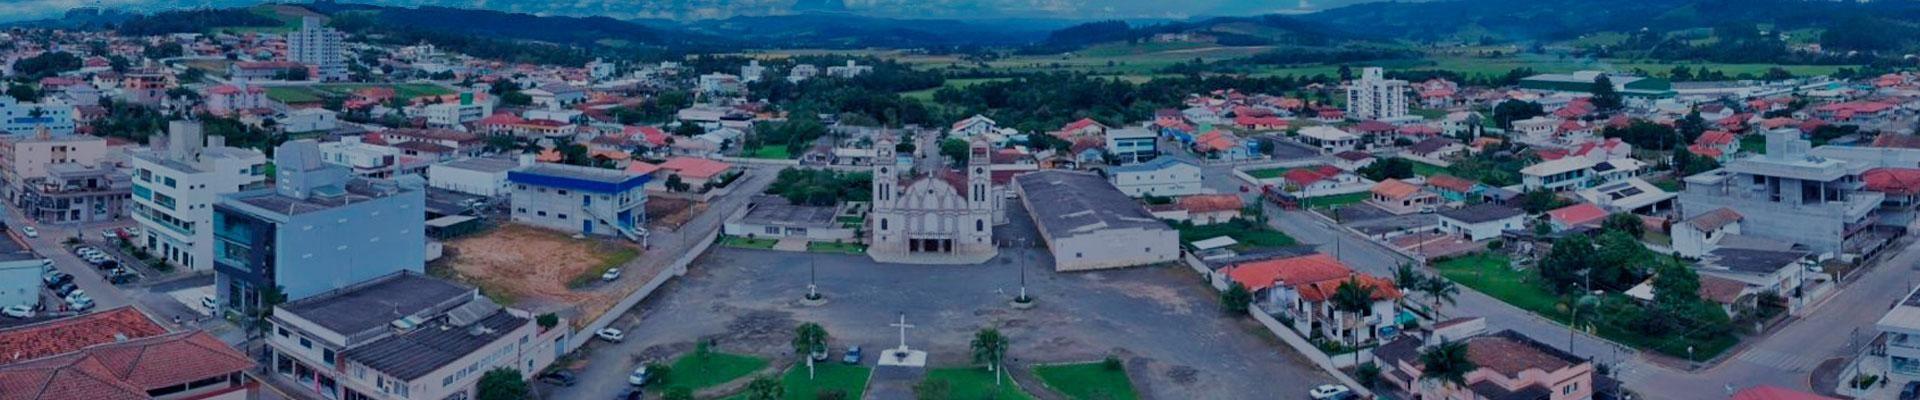 Câmara de Vereadores de Pouso Redondo